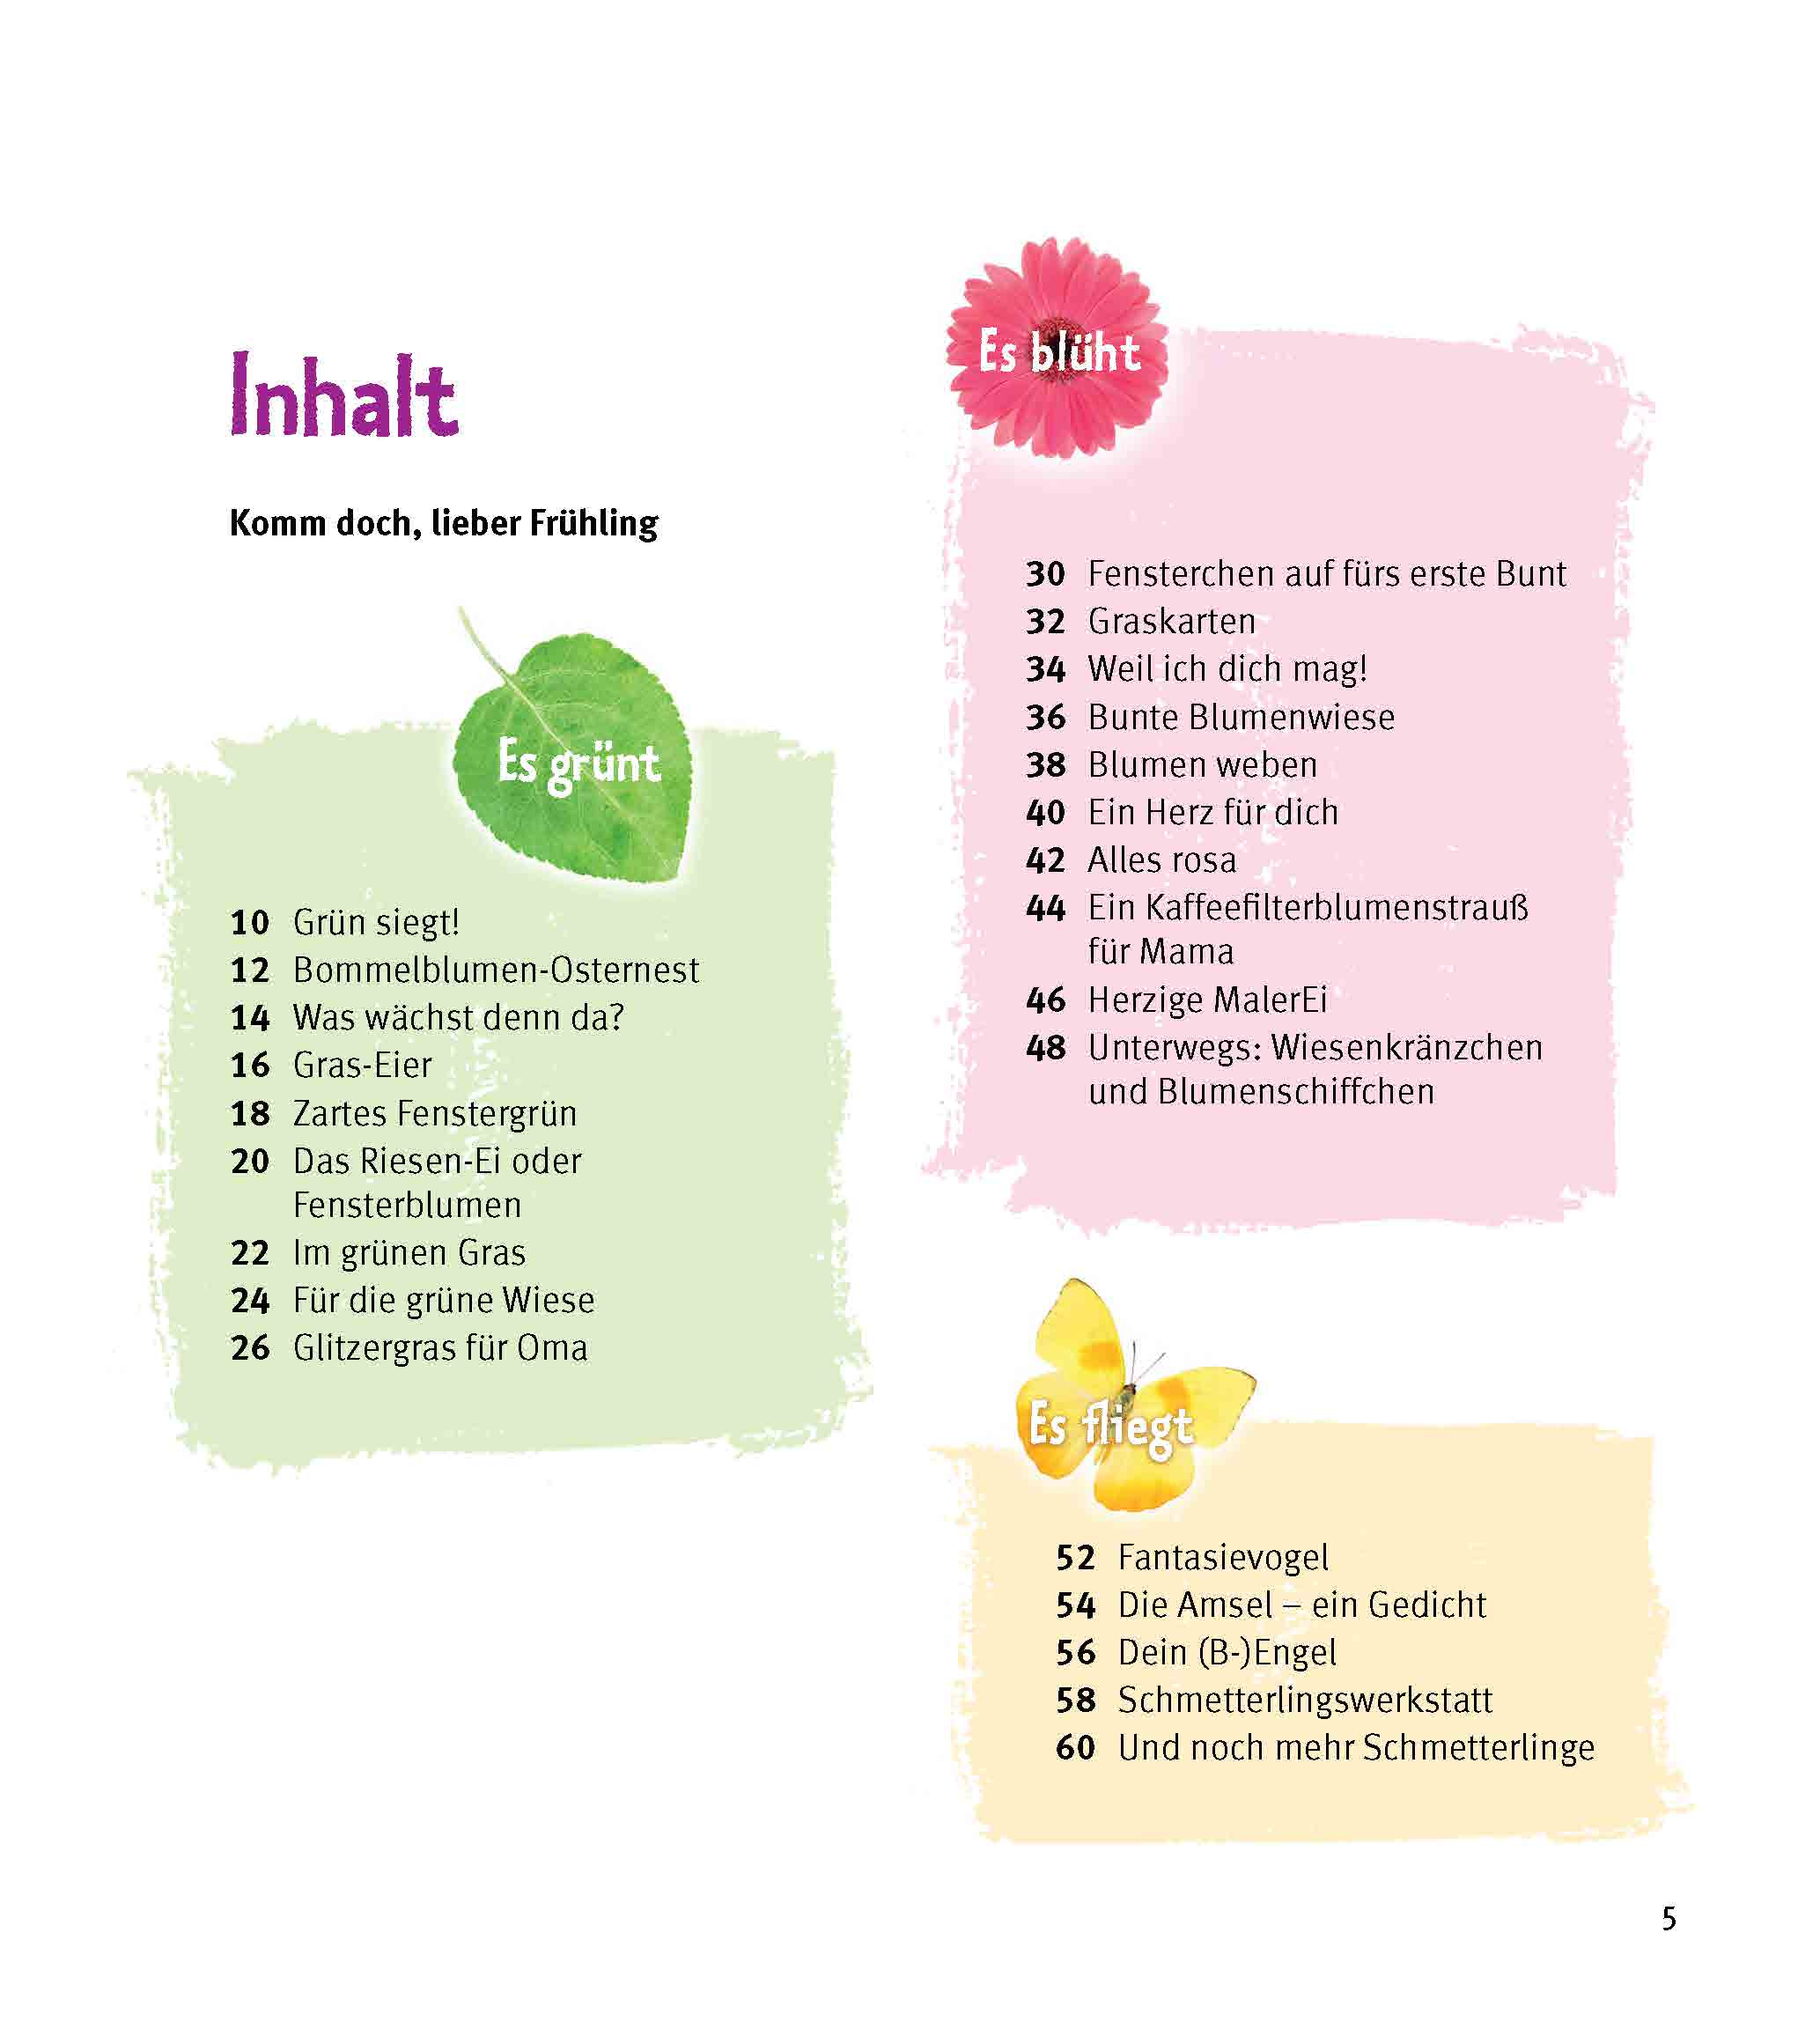 Innenansicht zu 5 Minuten Kreativität zur Frühlings- und Osterzeit